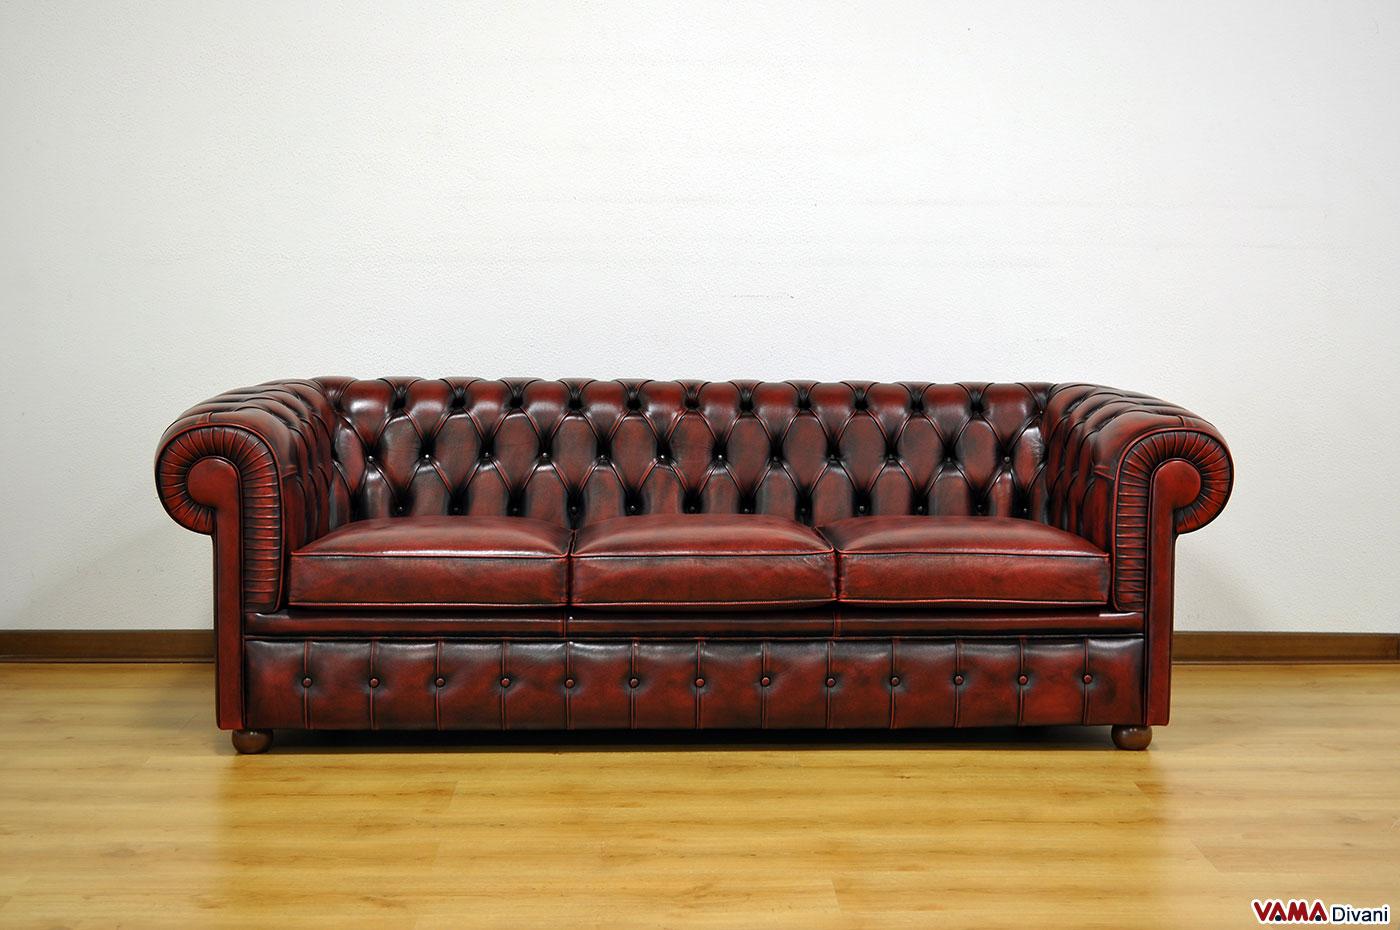 Divani Chesterfield: dove si possono comprare online? - Altro